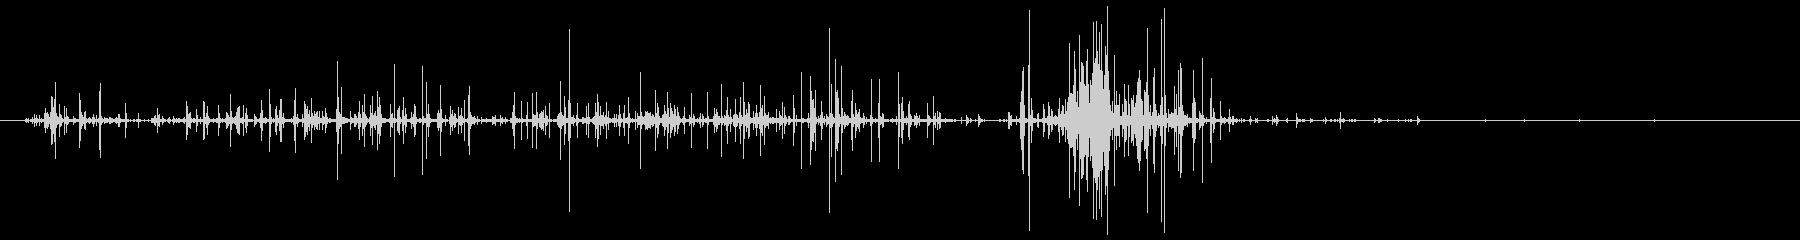 ビニールの小袋を開ける音の未再生の波形